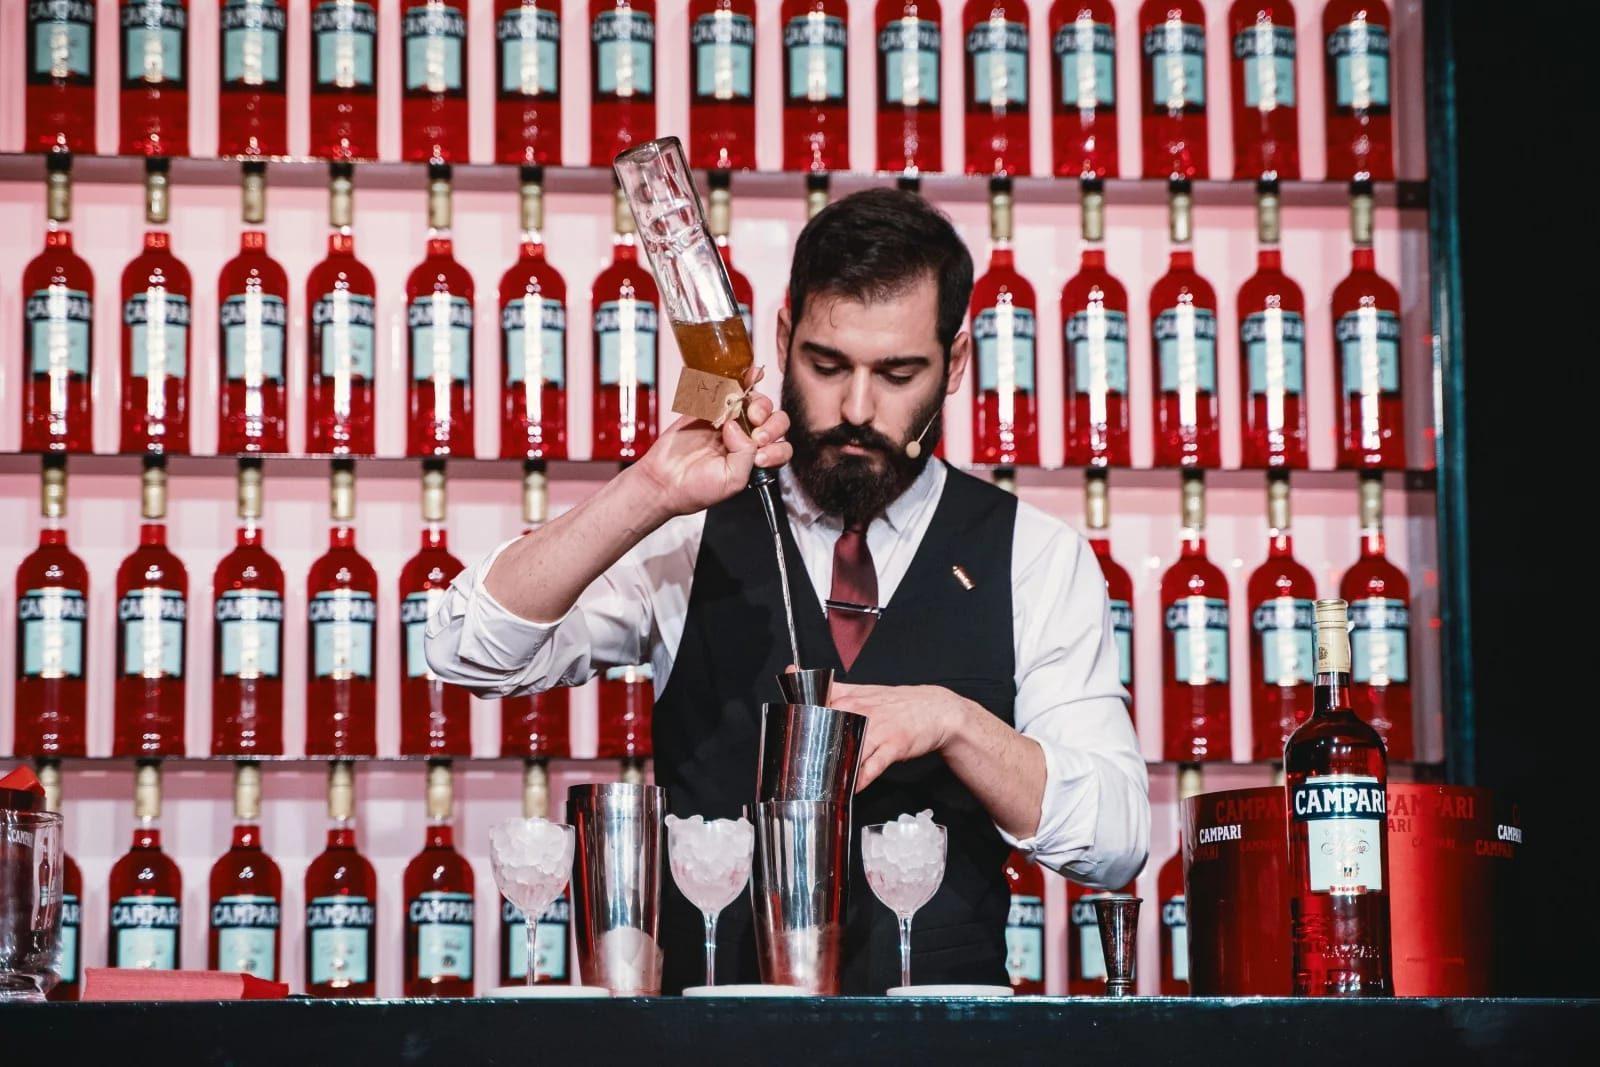 riccardo-cerboneschi-cocktail